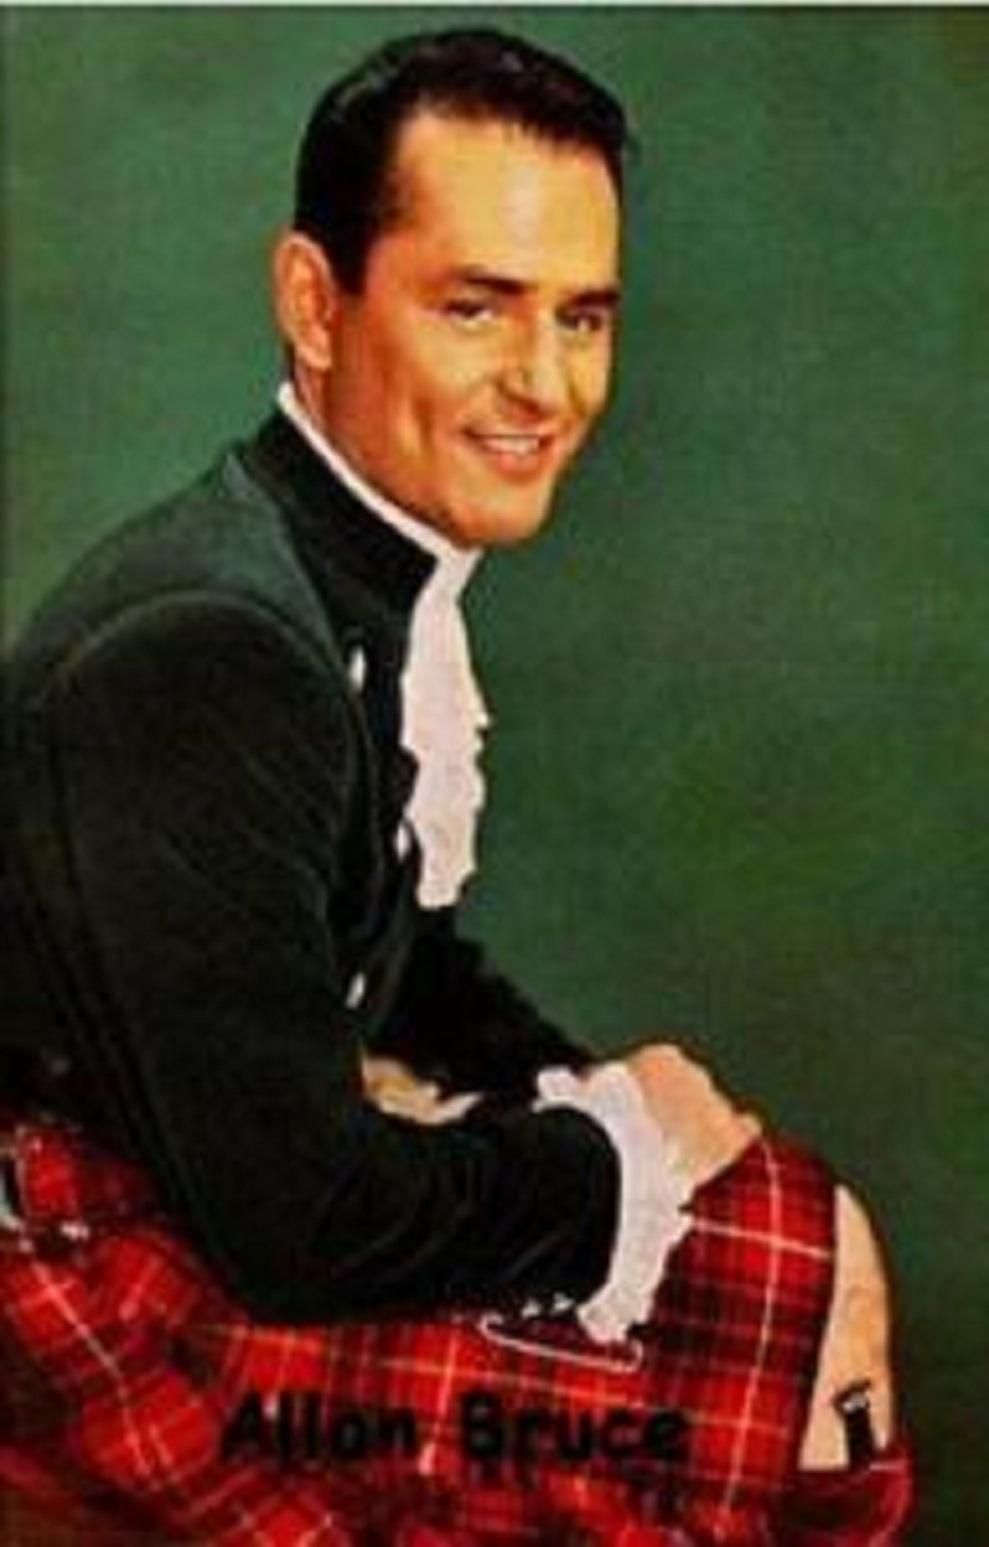 Allan Bruce [circa 1963]